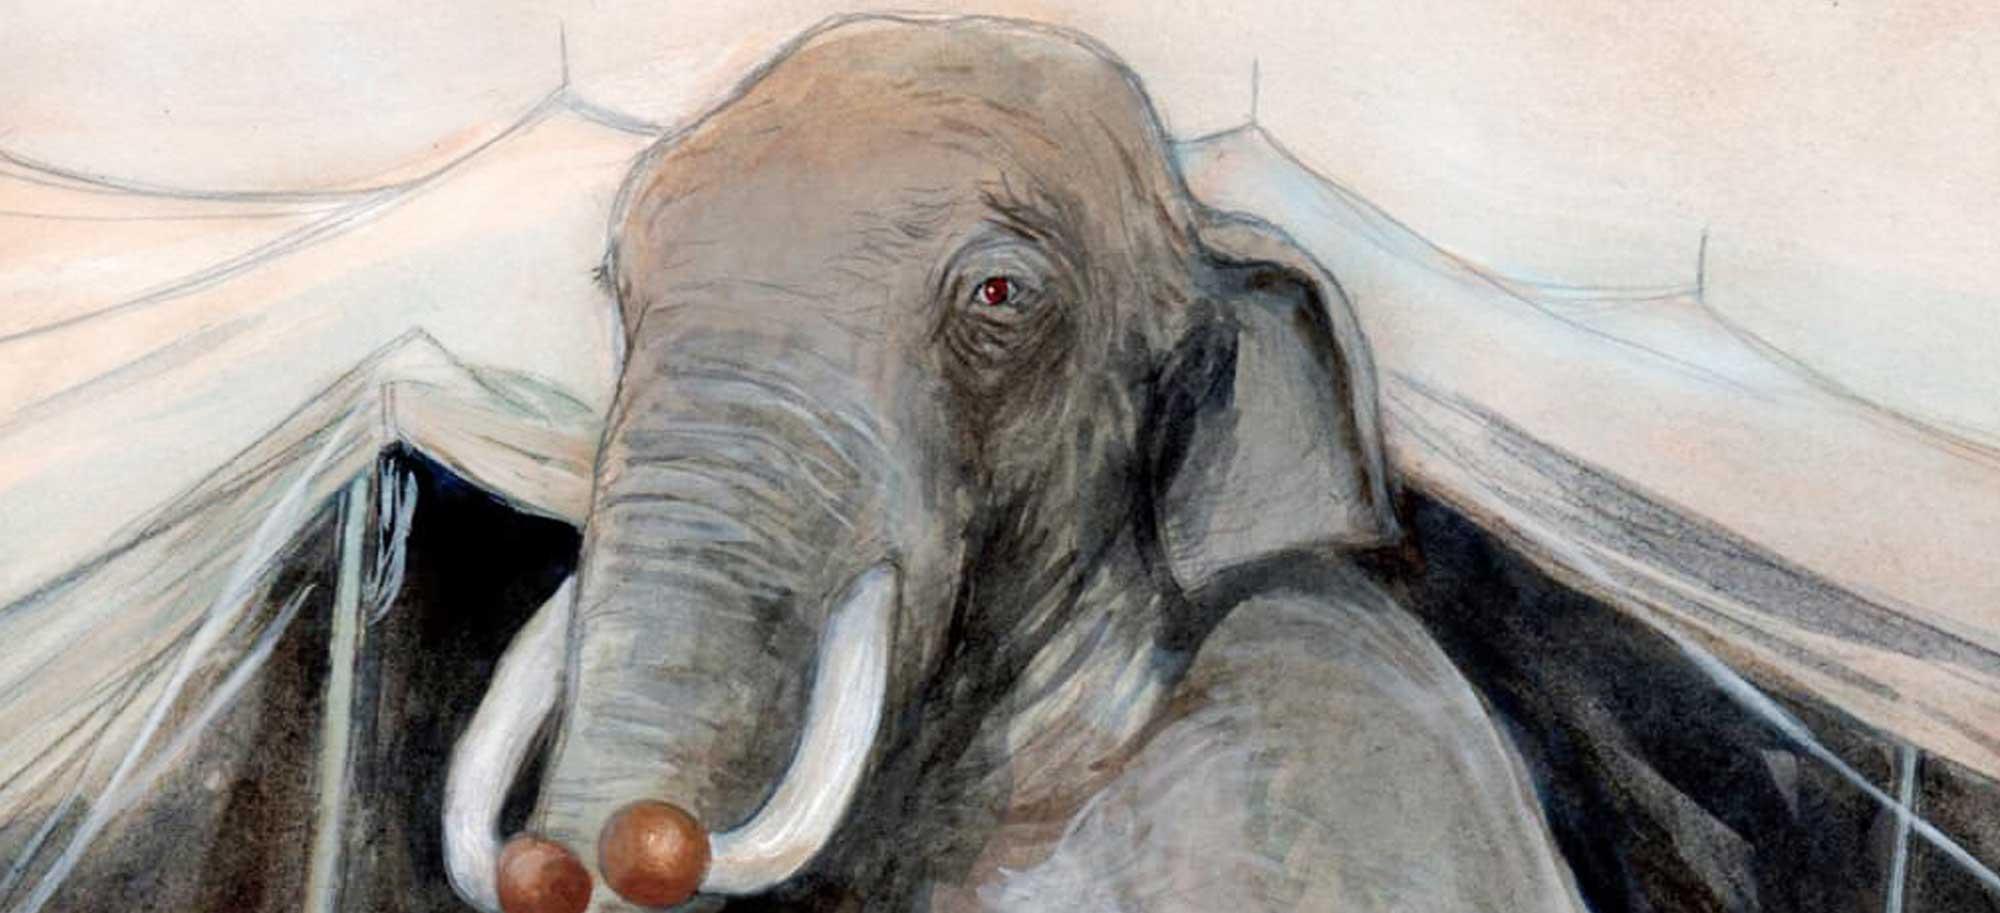 Fritz l'éléphant de cirque sorti de l'oubli par la ville de Tours